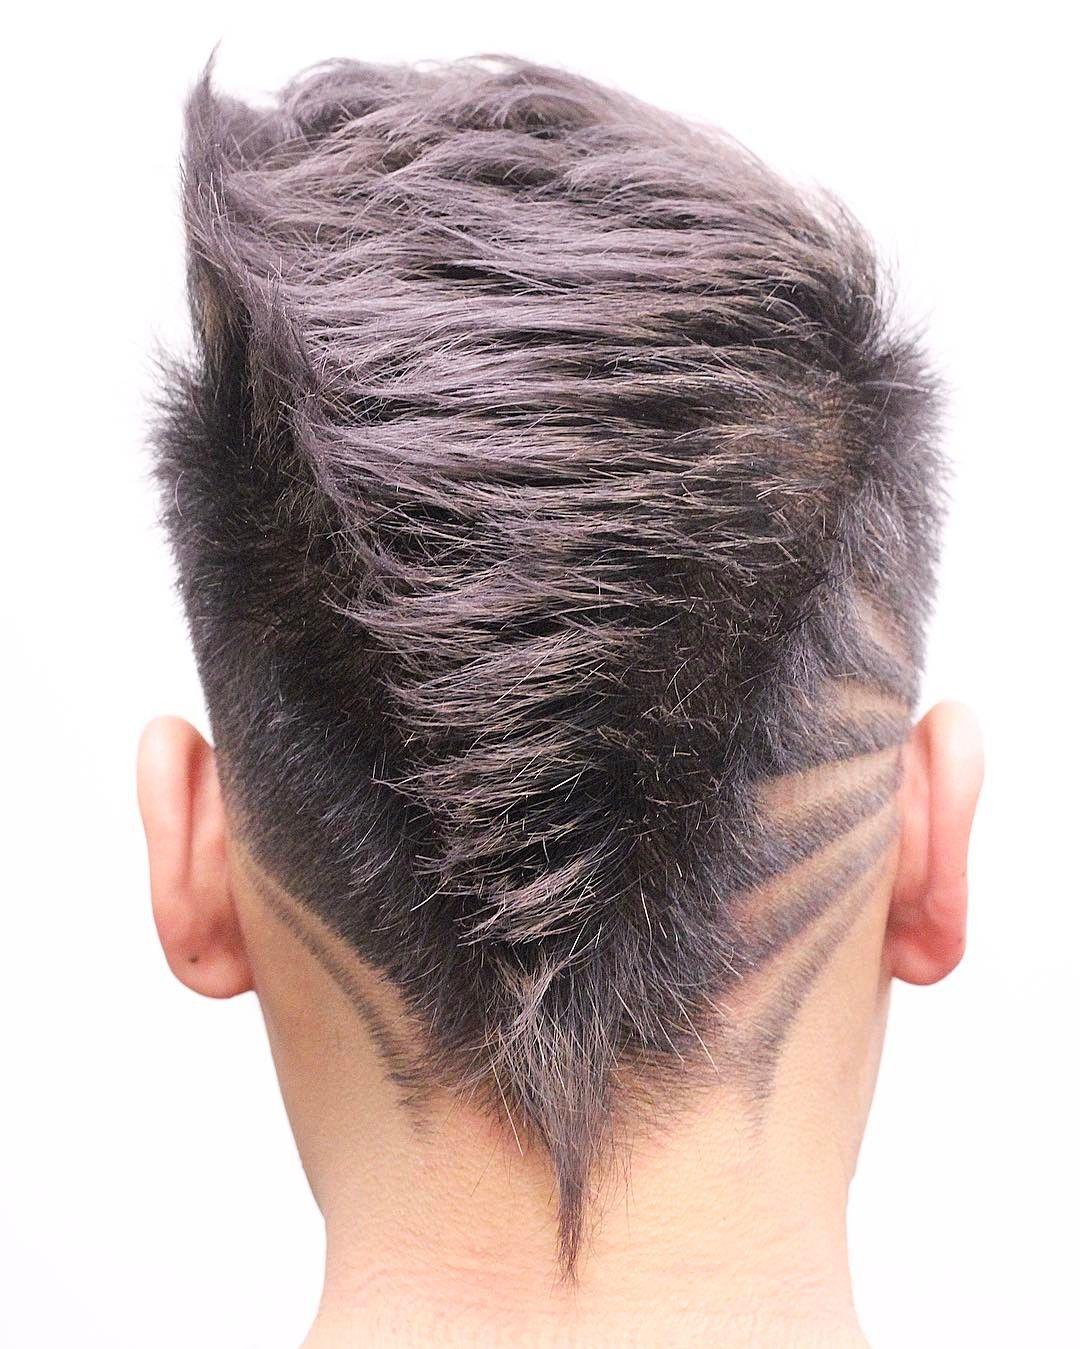 V Haircut Mens : haircut, Mohawk, Haircuts, Haircut, Designs, Designs,